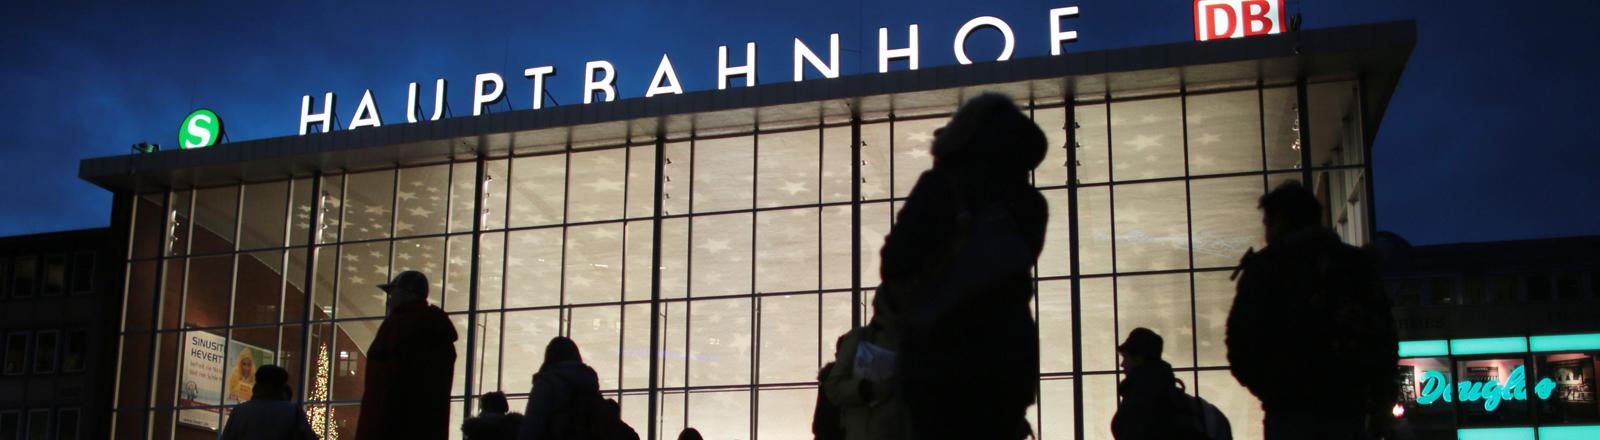 Platz vor dem Kölner Hauptbahnhof im Dunkeln